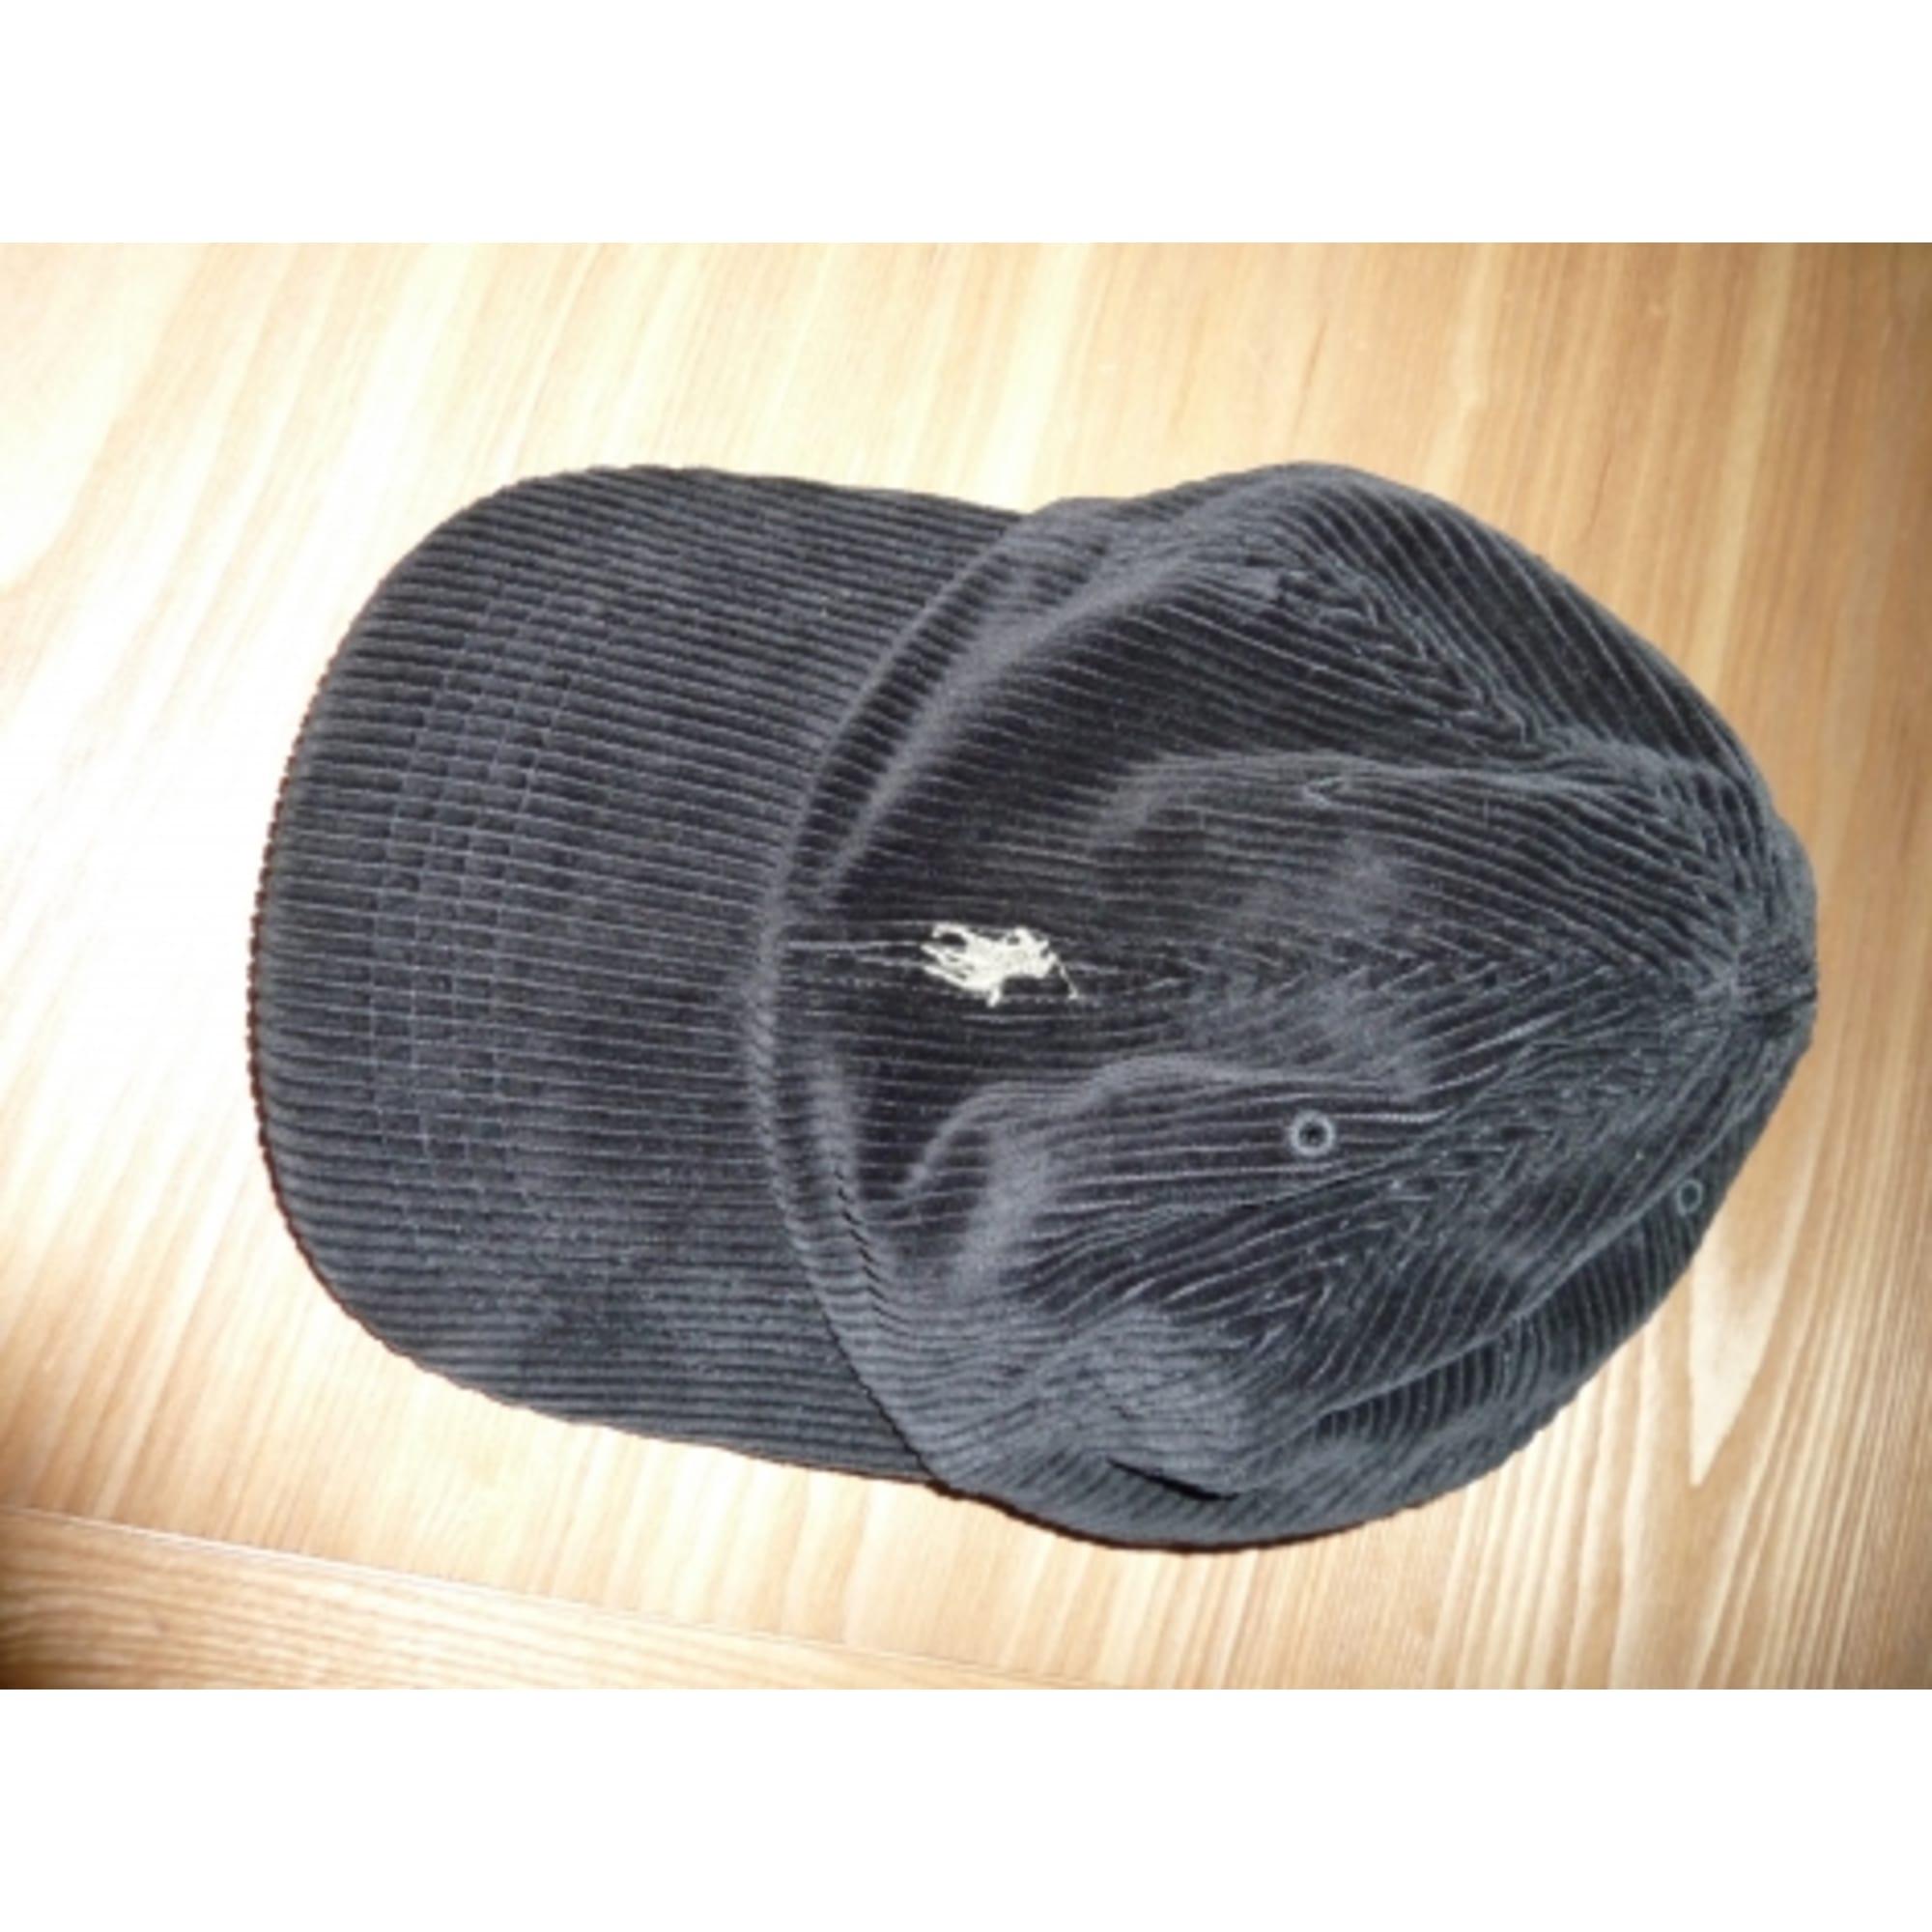 Casquette RALPH LAUREN Taille unique noir vendu par Shopname563072 ... b06aba1e3c0